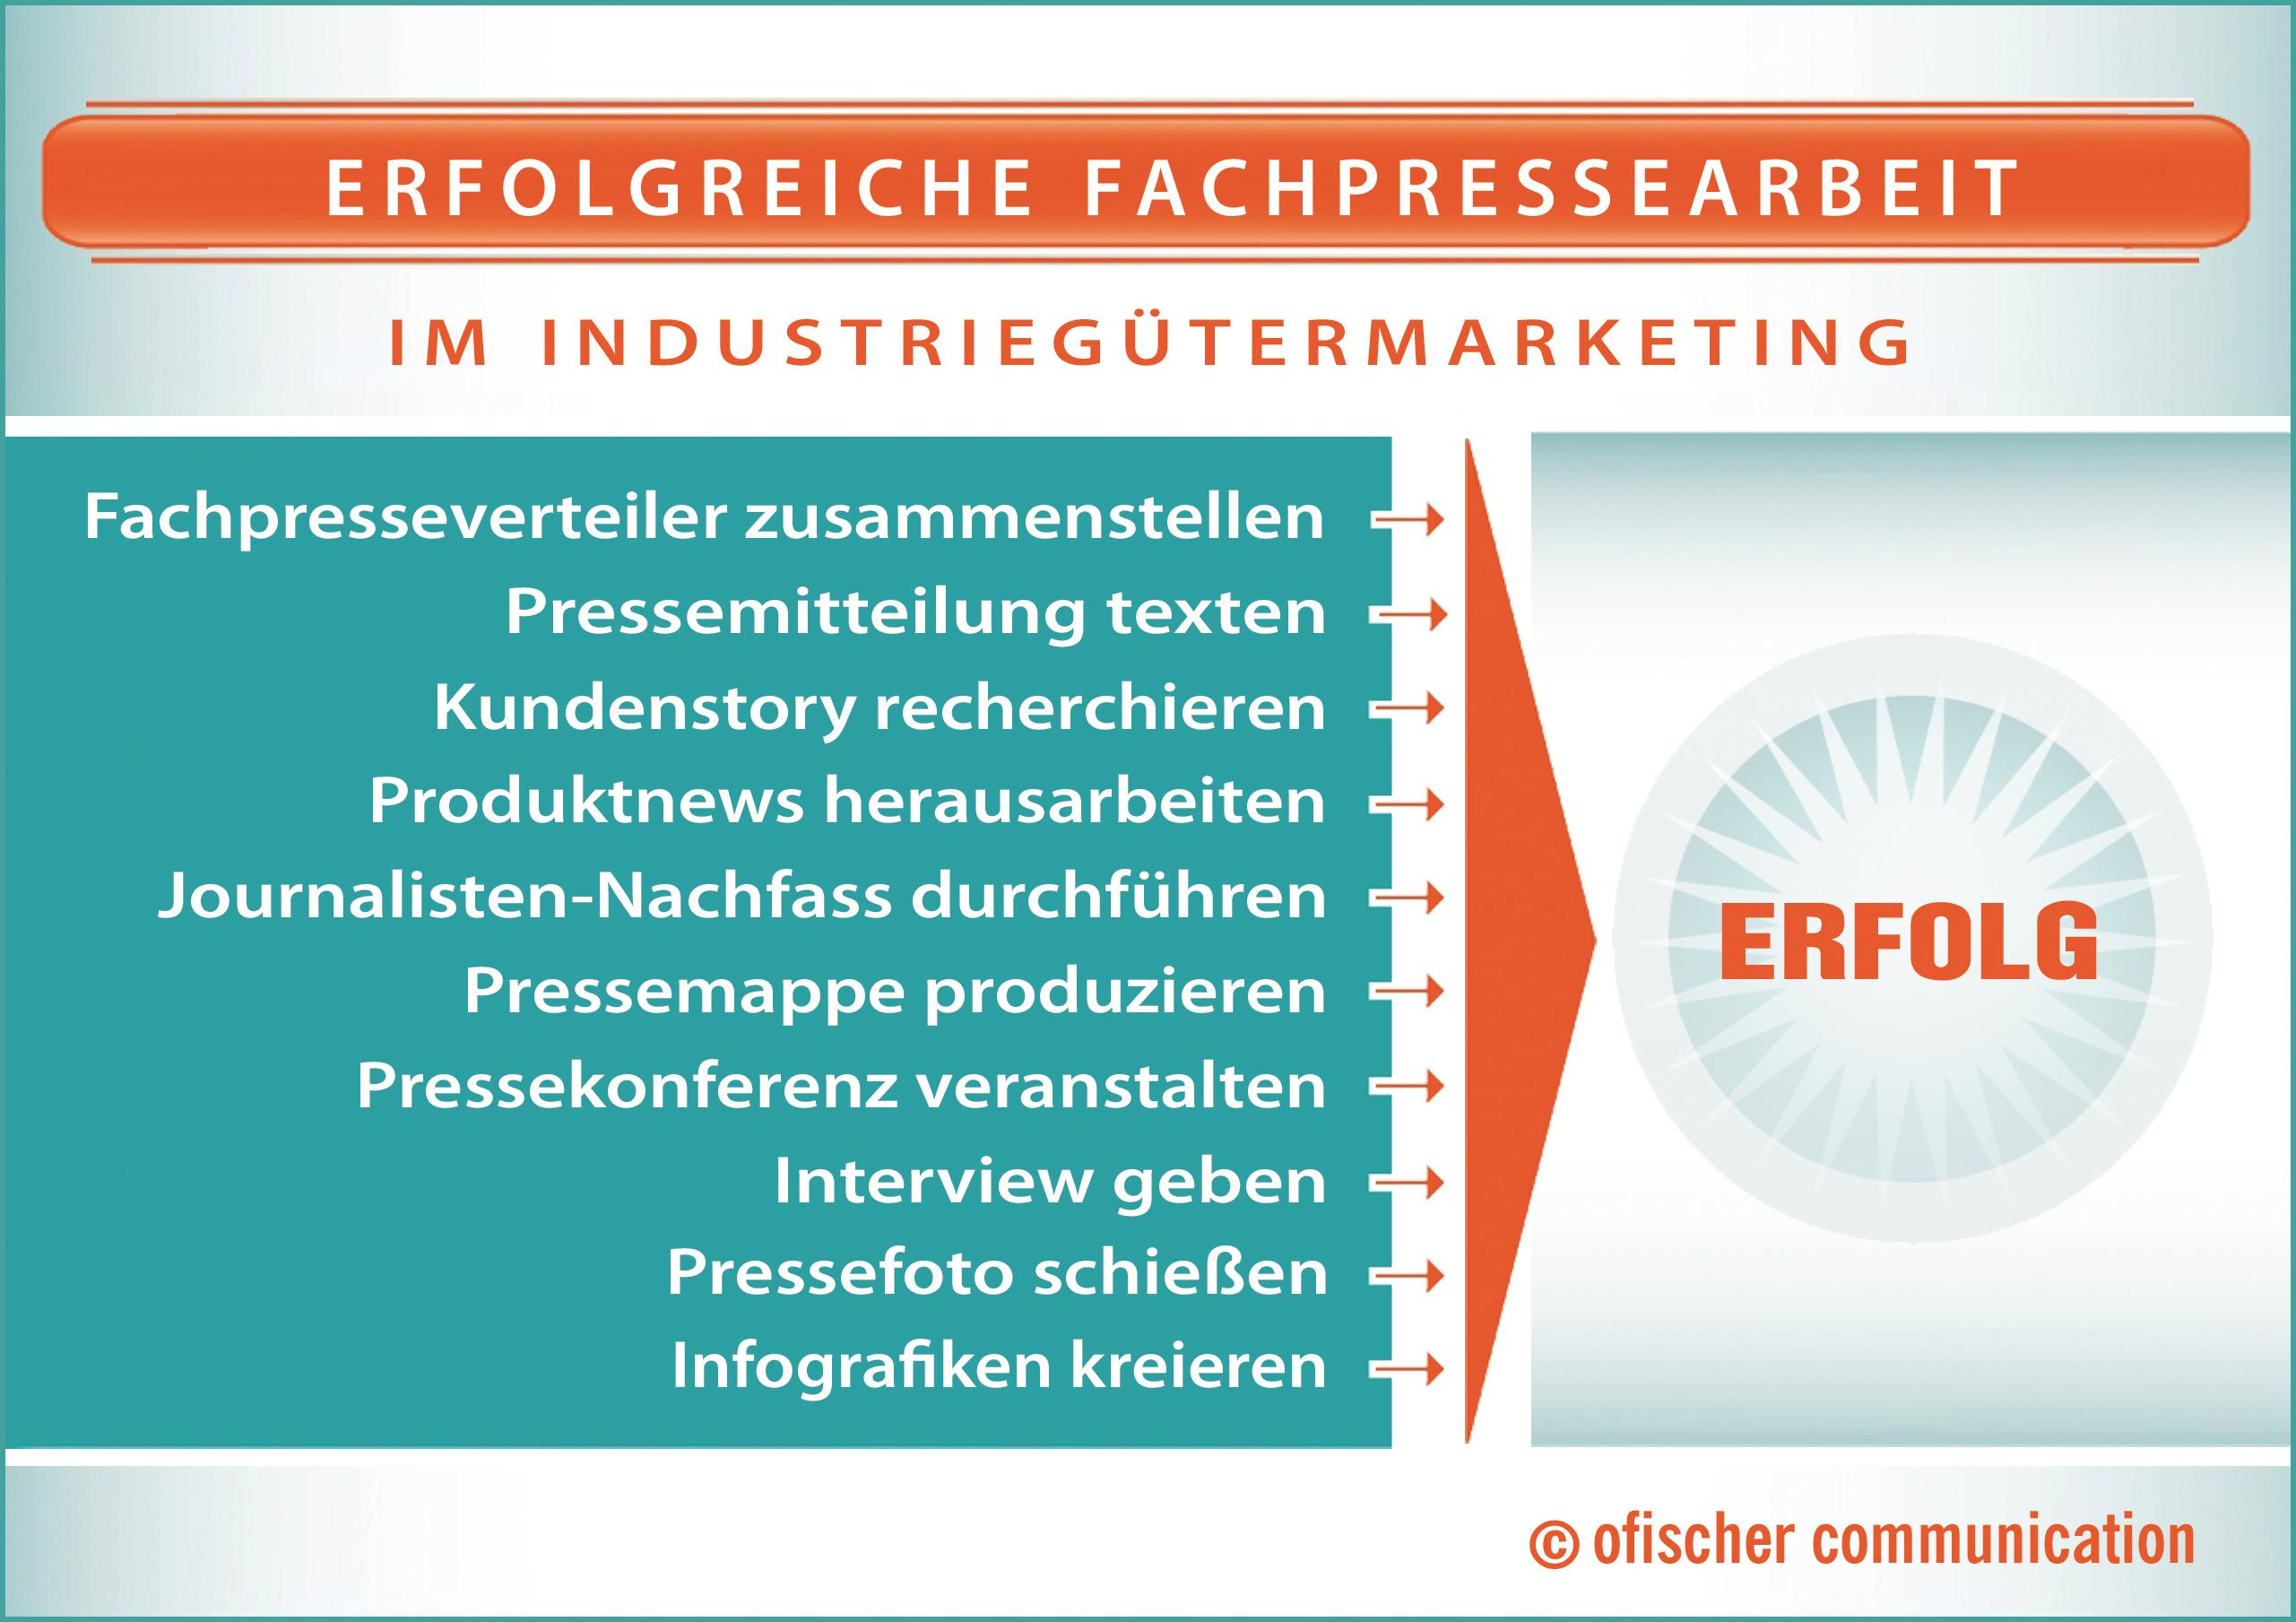 Die wichtigsten Tools für eine erfolgreiche Fachpressearbeit im Industriegütermarketing: Fachpresseverteiler, Pressemitteilung, Recherche, Journalisten-Nachfass, Pressemappe, Pressekonferenz, Pressefoto und Infografik.